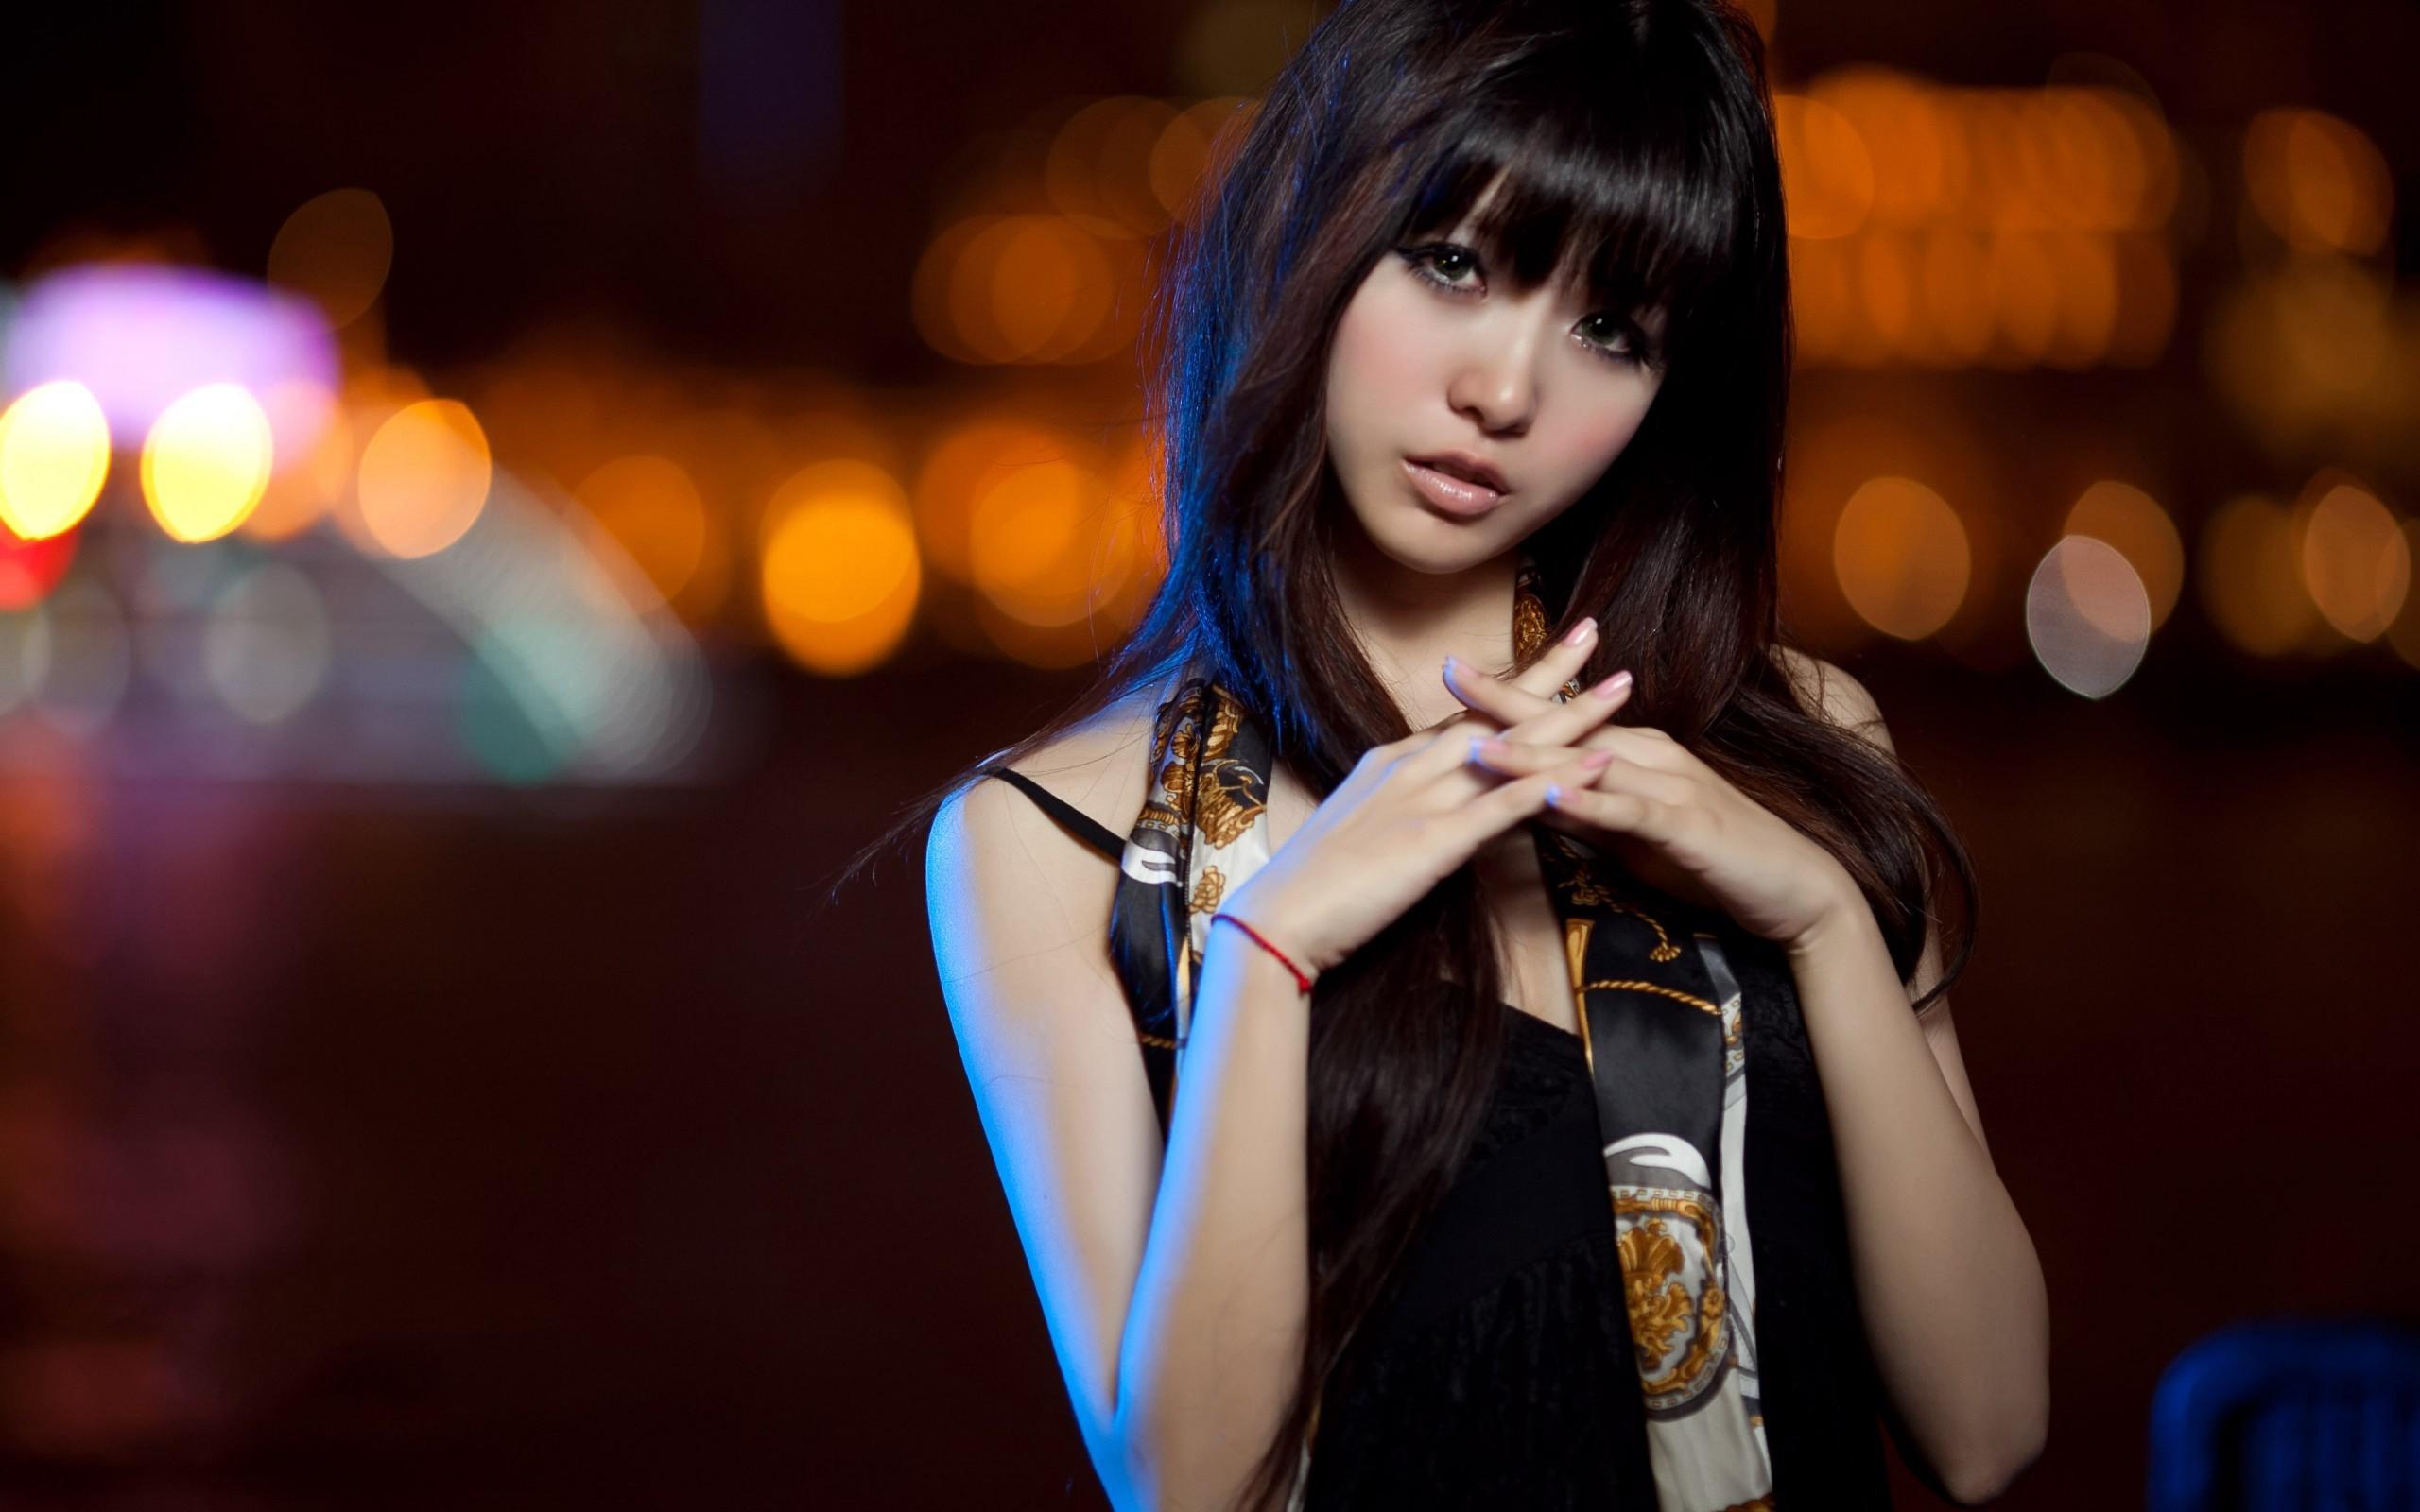 Linda joven asiática - 2560x1600